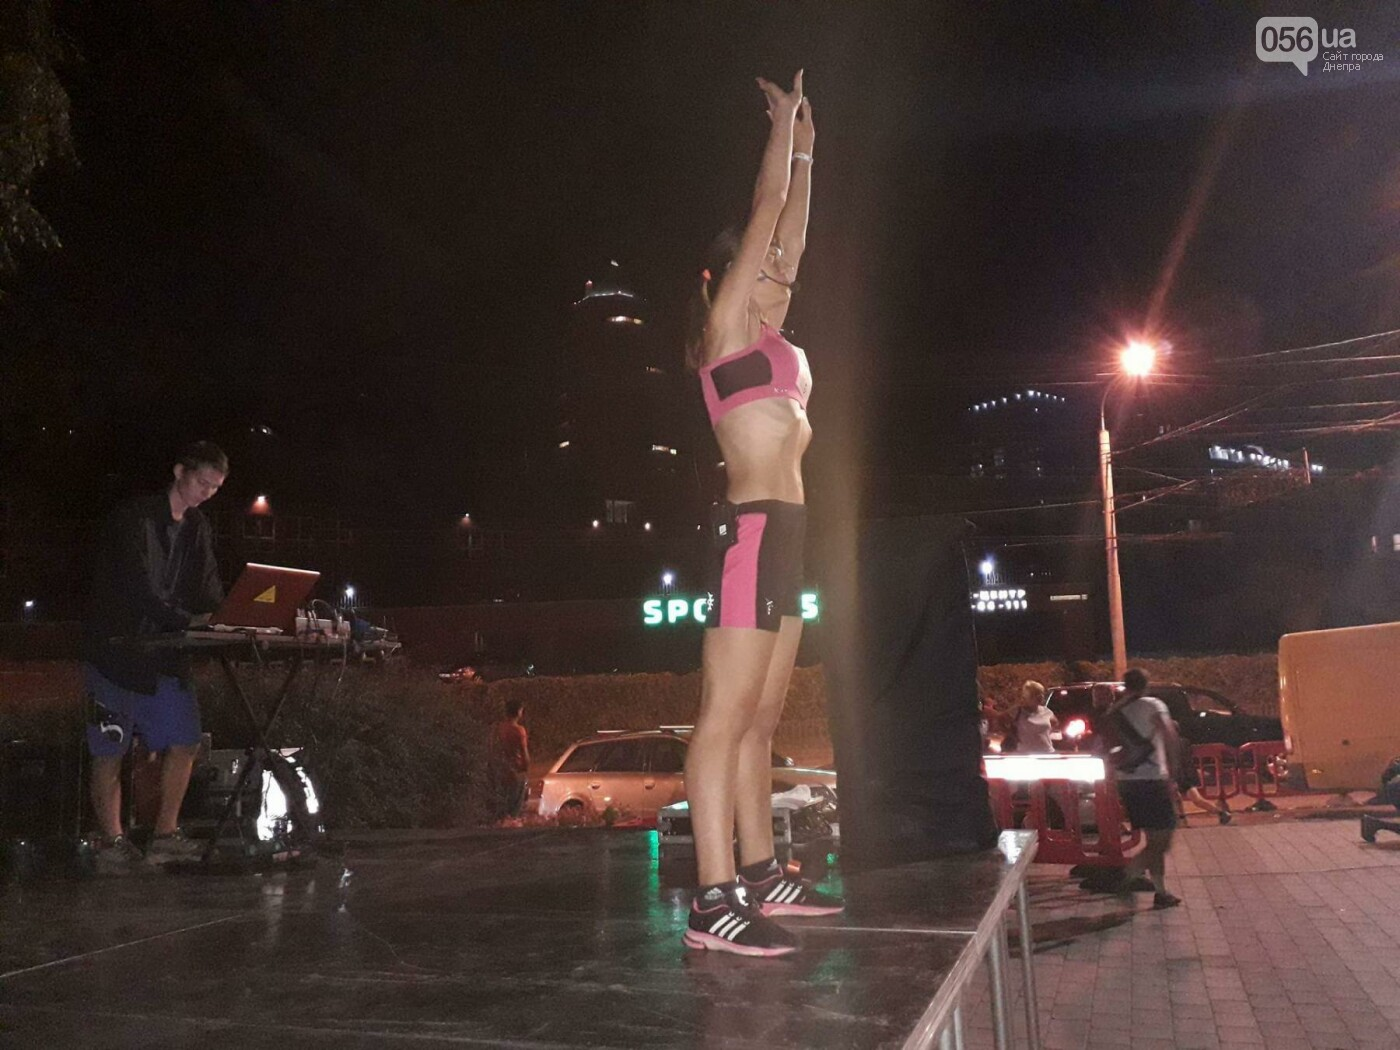 В Днепре прошел юбилейный ночной полумарафон по бегу: как это было,  - ФОТО, фото-11